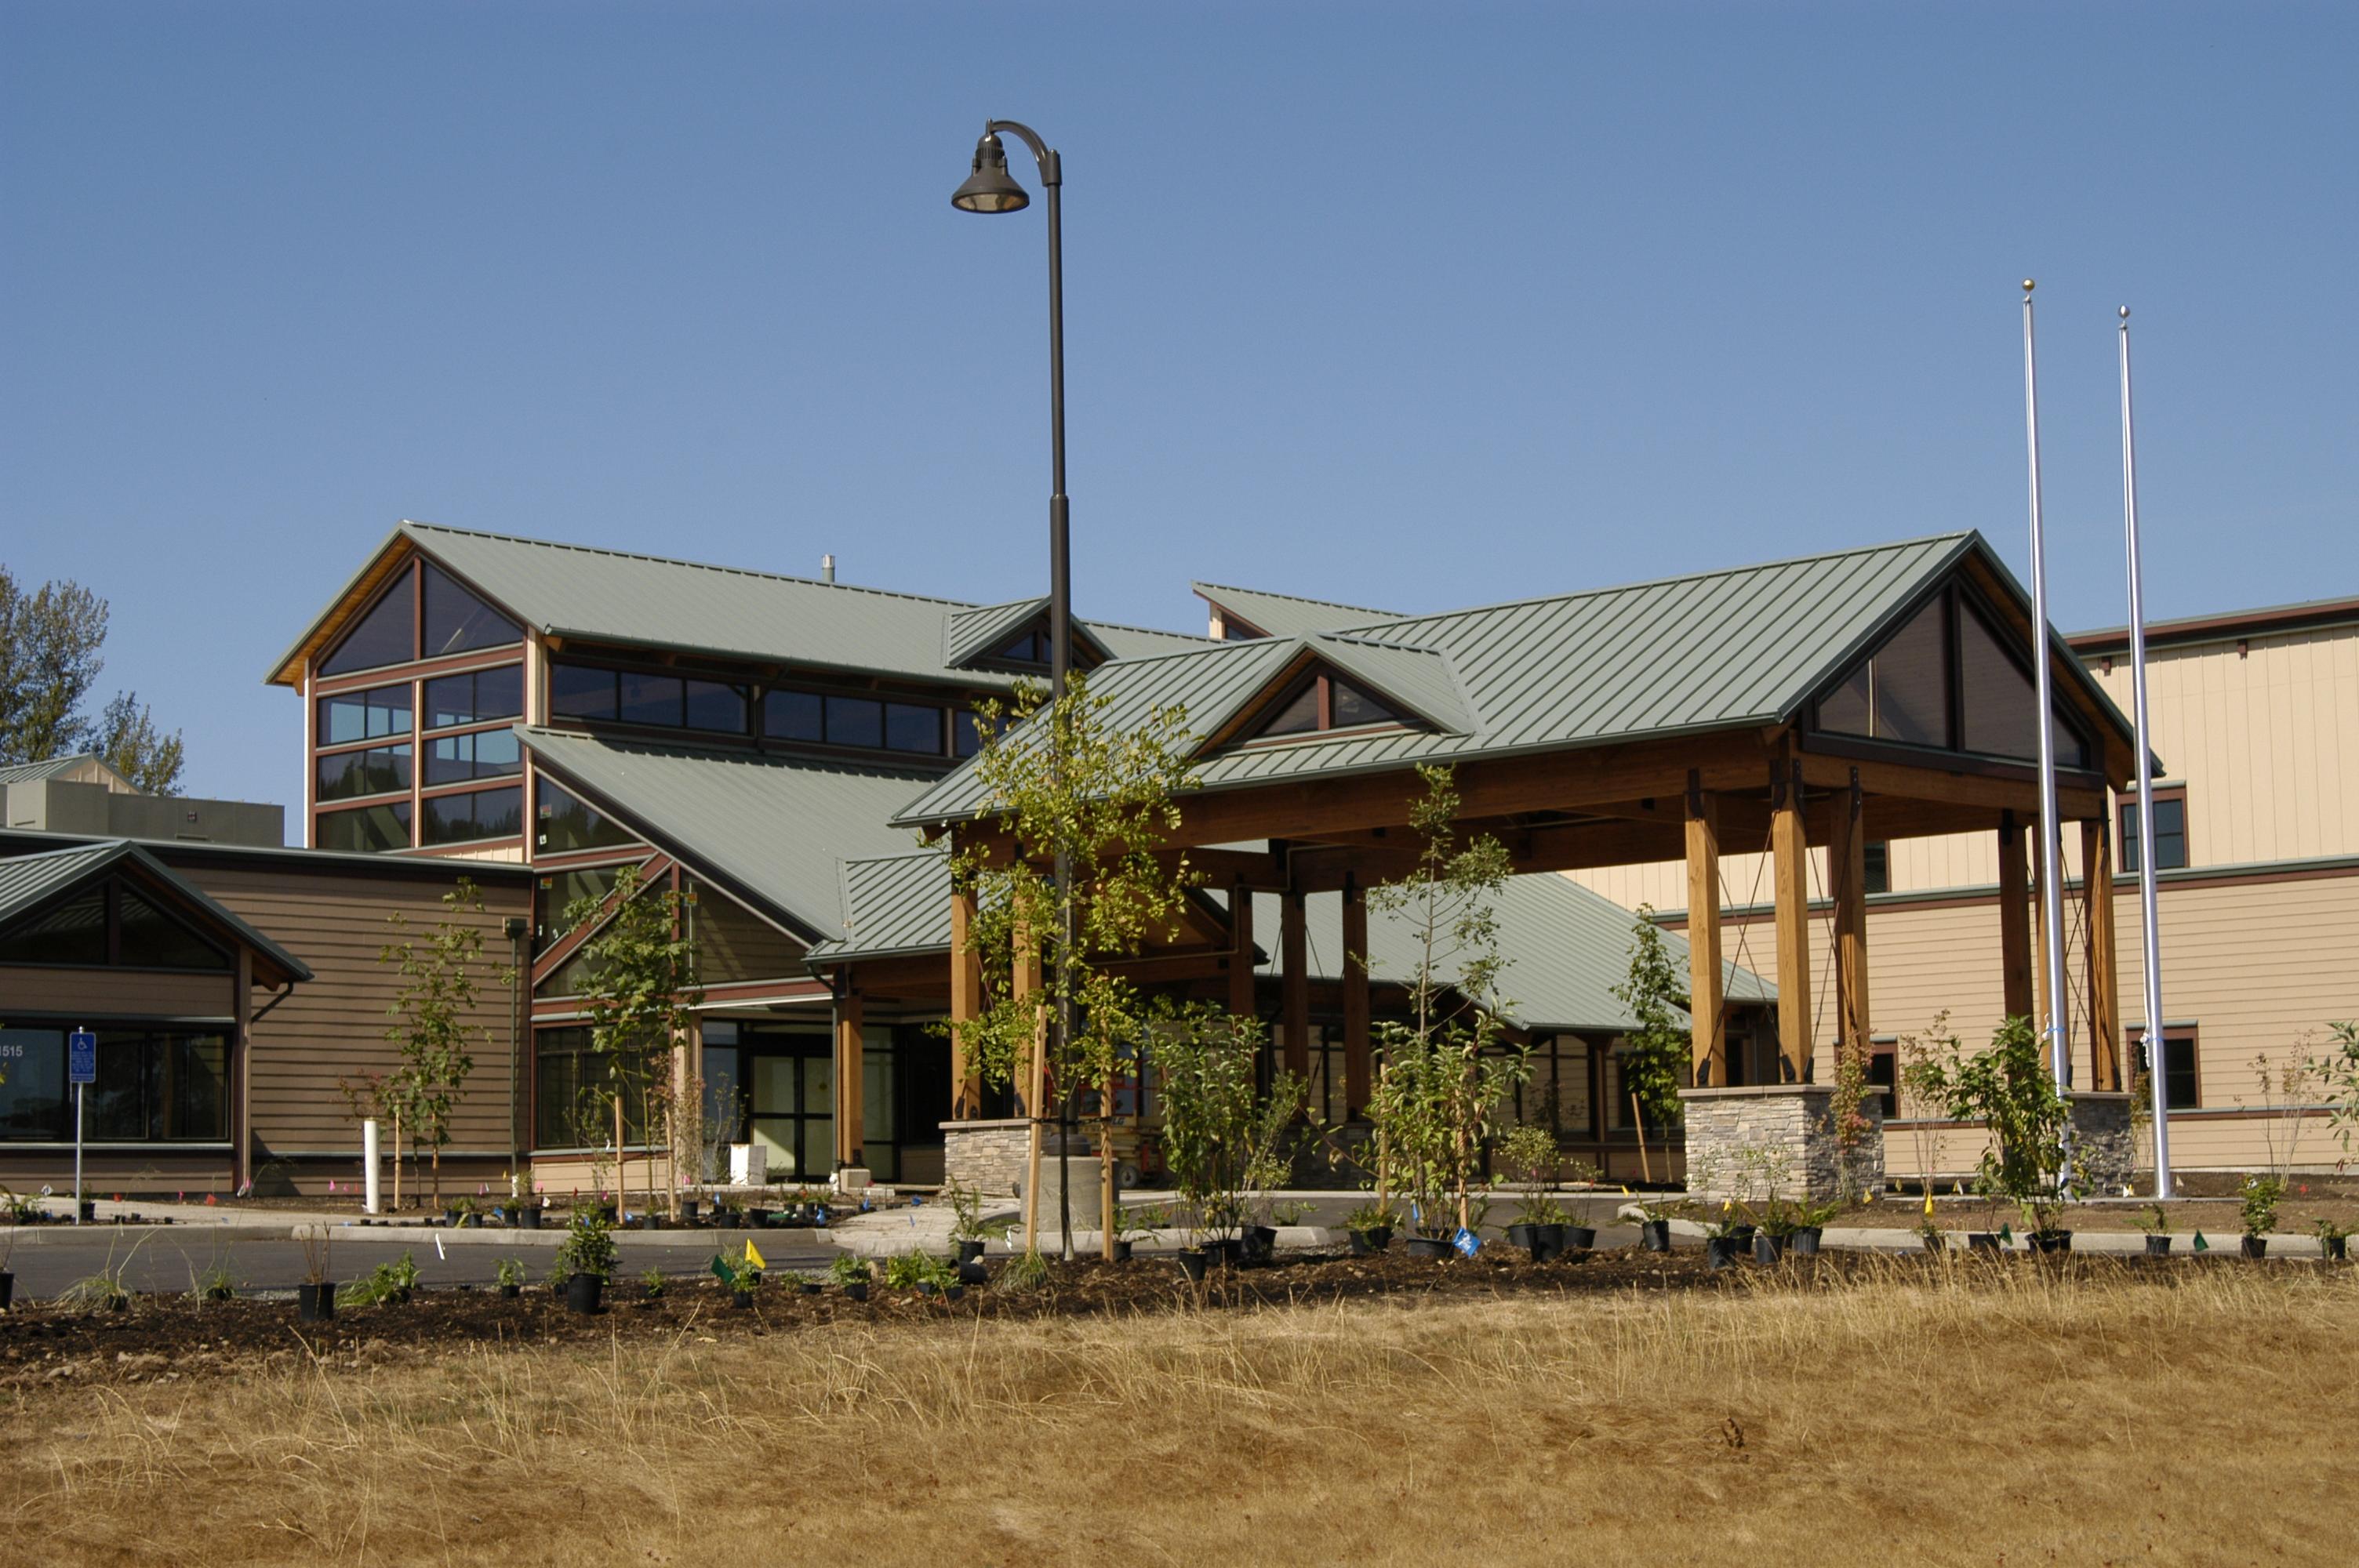 Cottage grove community medical center 100 great for Med cottages